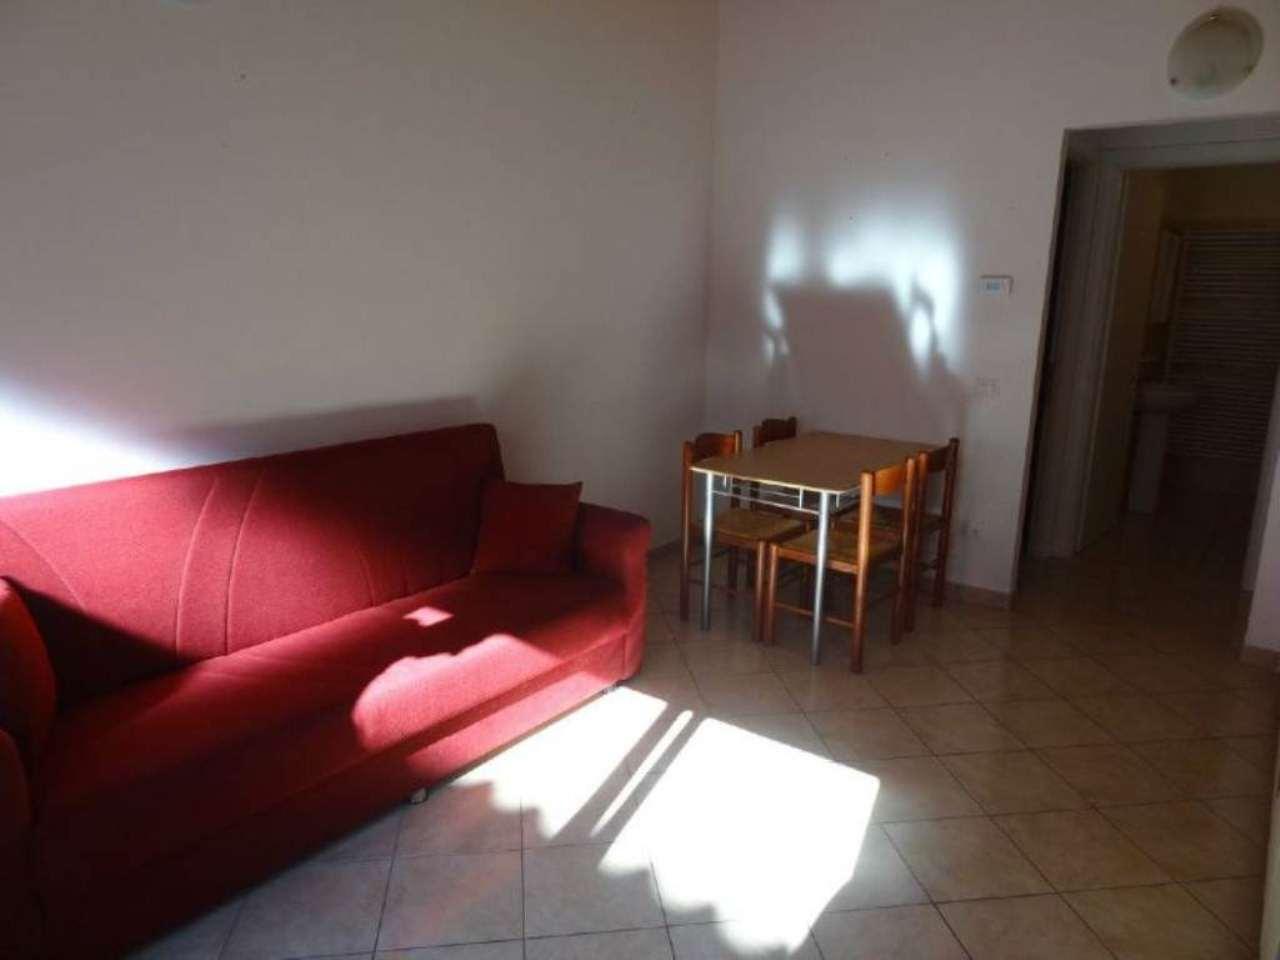 Appartamento in affitto a Besozzo, 2 locali, prezzo € 400 | CambioCasa.it